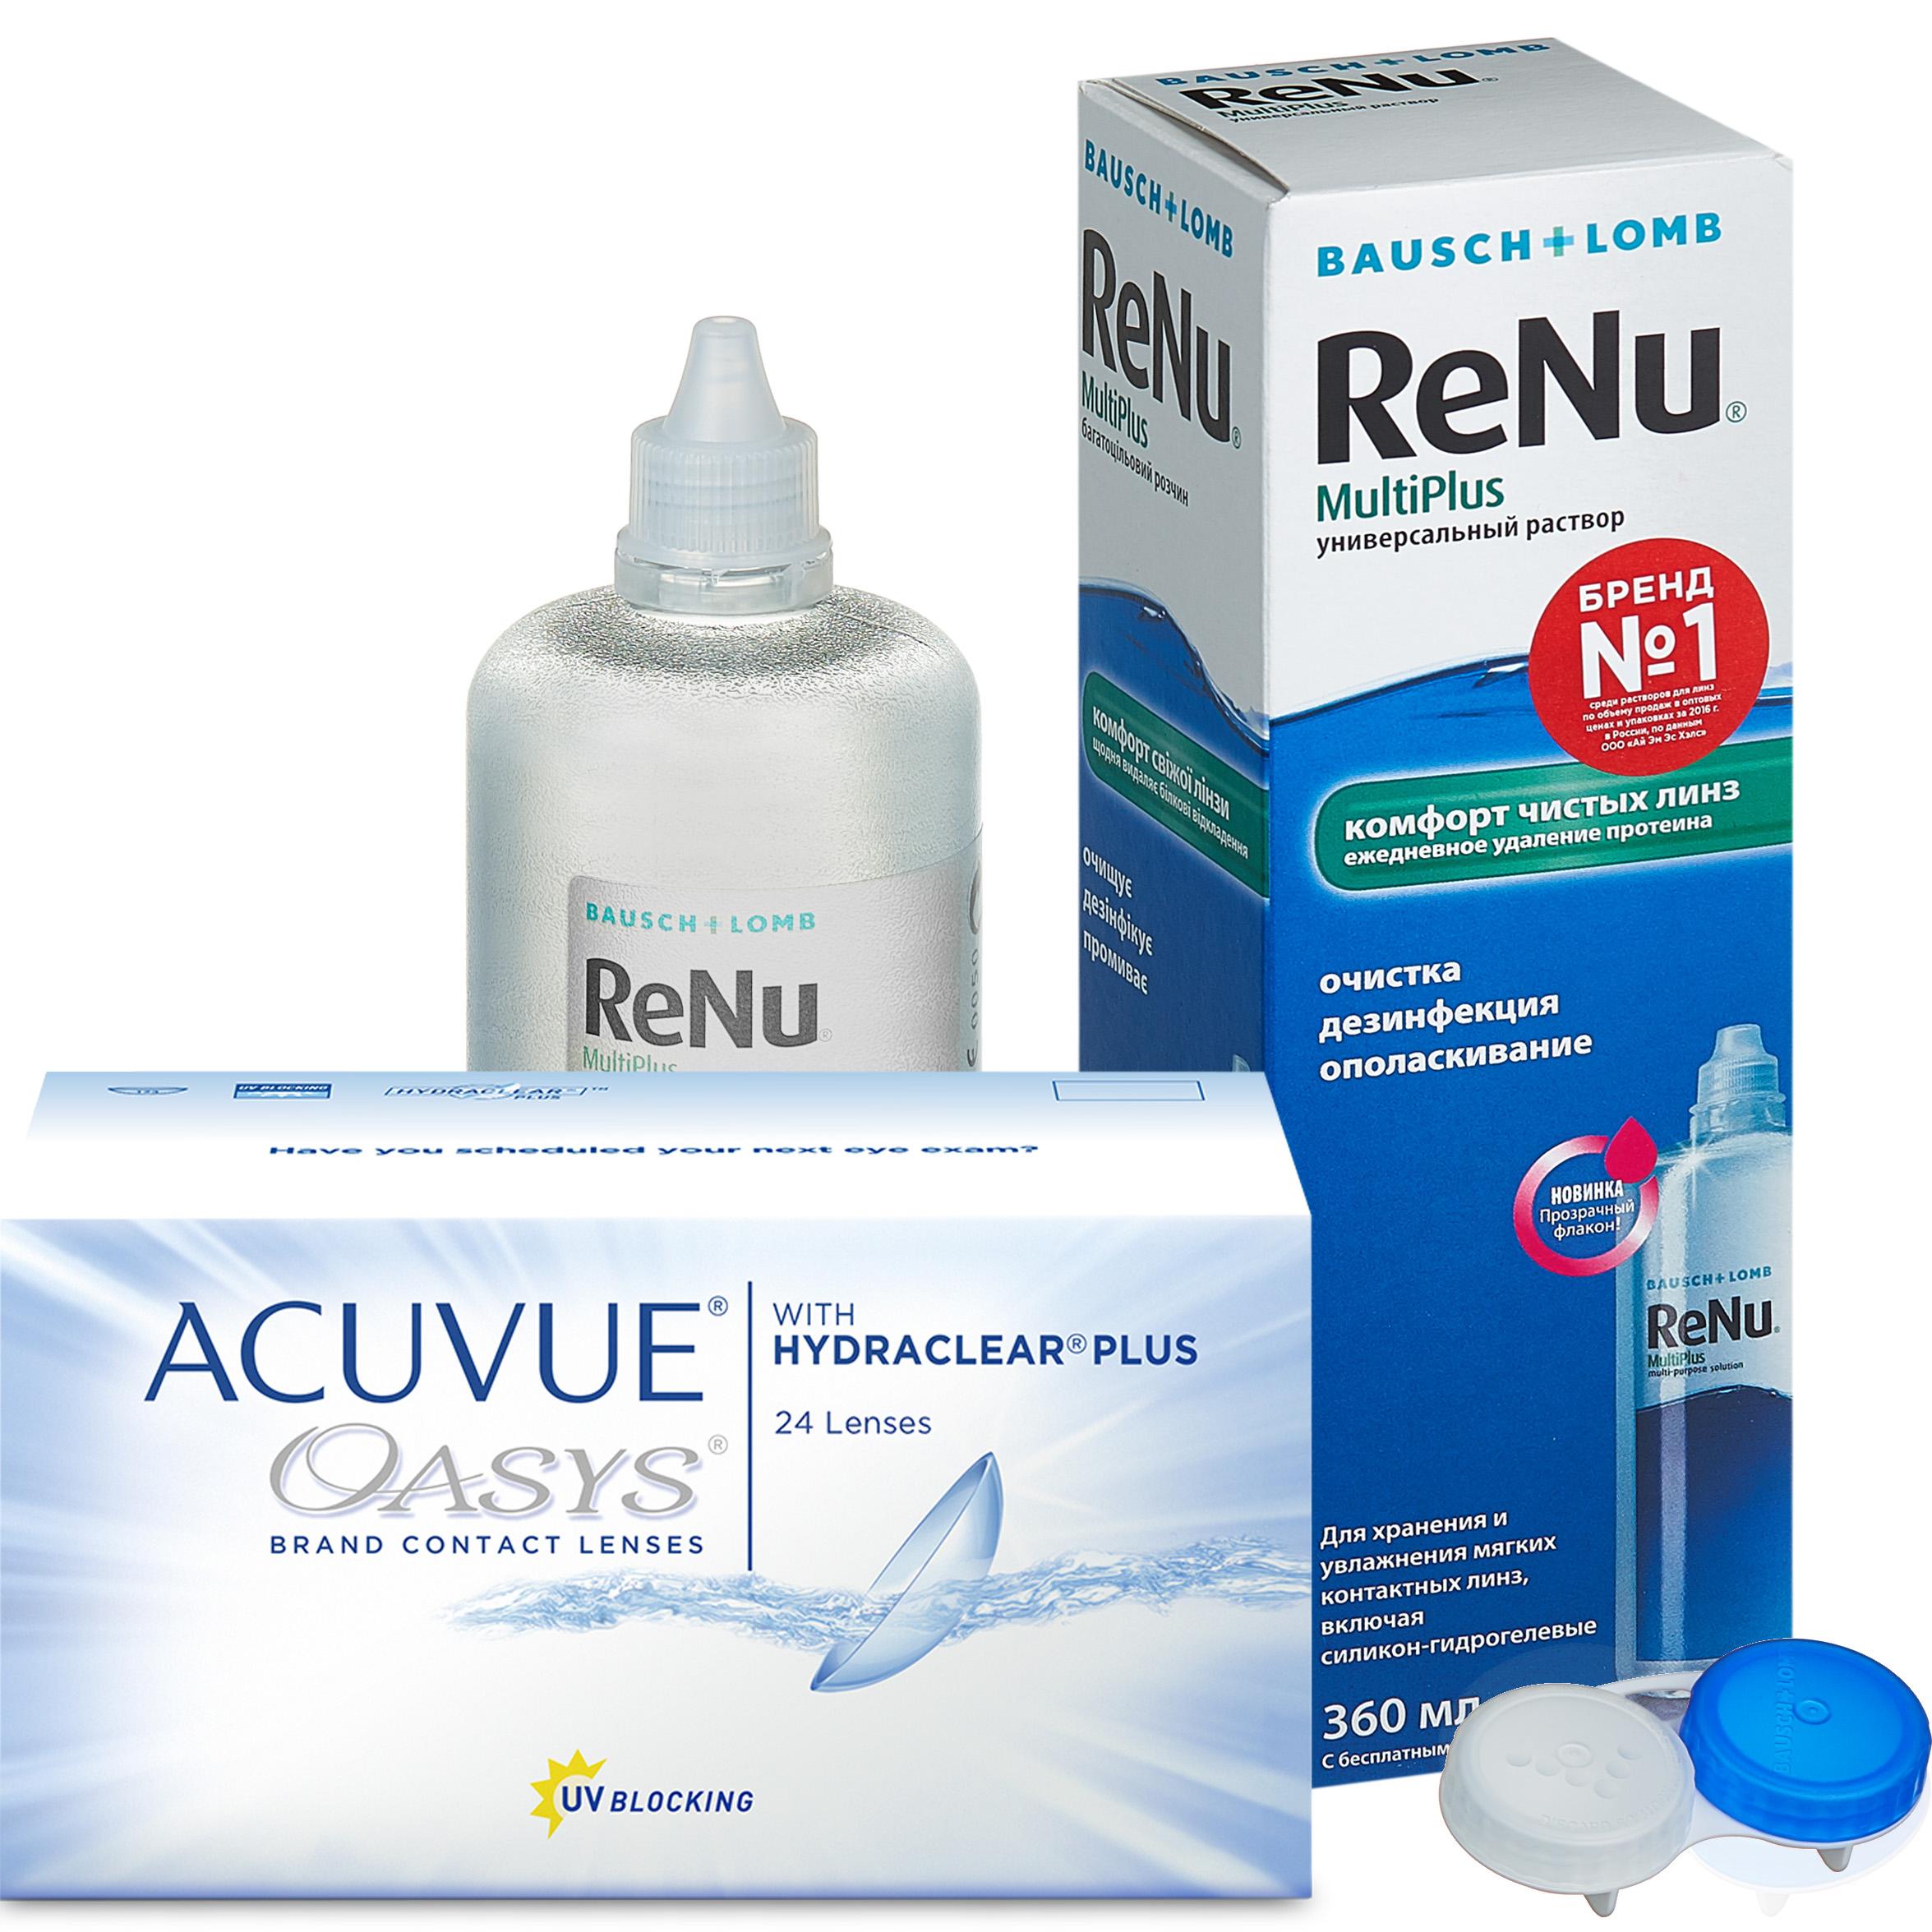 Oasys with Hydraclear Plus 24 линзы + ReNu MultiPlus, Линзы Acuvue Oasys with Hydraclear Plus 24 линзы R 8.8 -6, 00 + ReNu Multi Plus 360 мл  - купить со скидкой